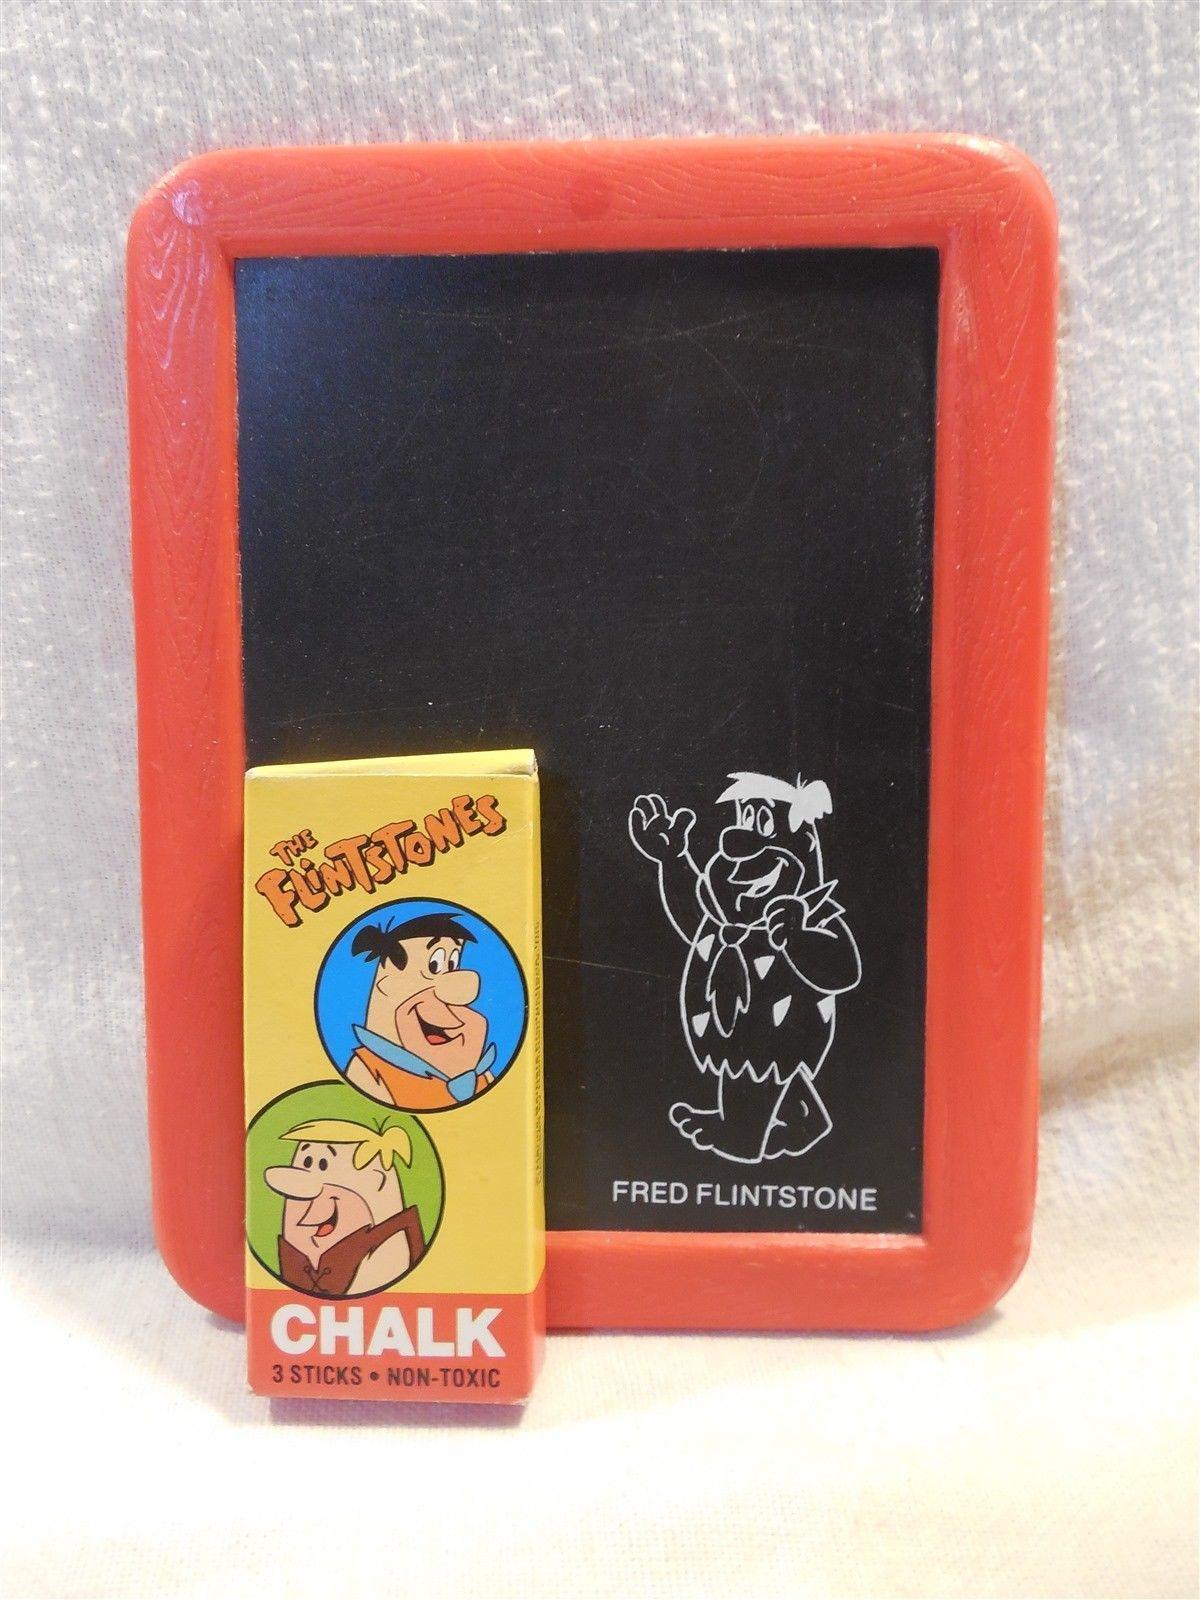 Flintstones Plastic Chalkboard with Box of Chalk - Fred Flintstone Barney Rubble